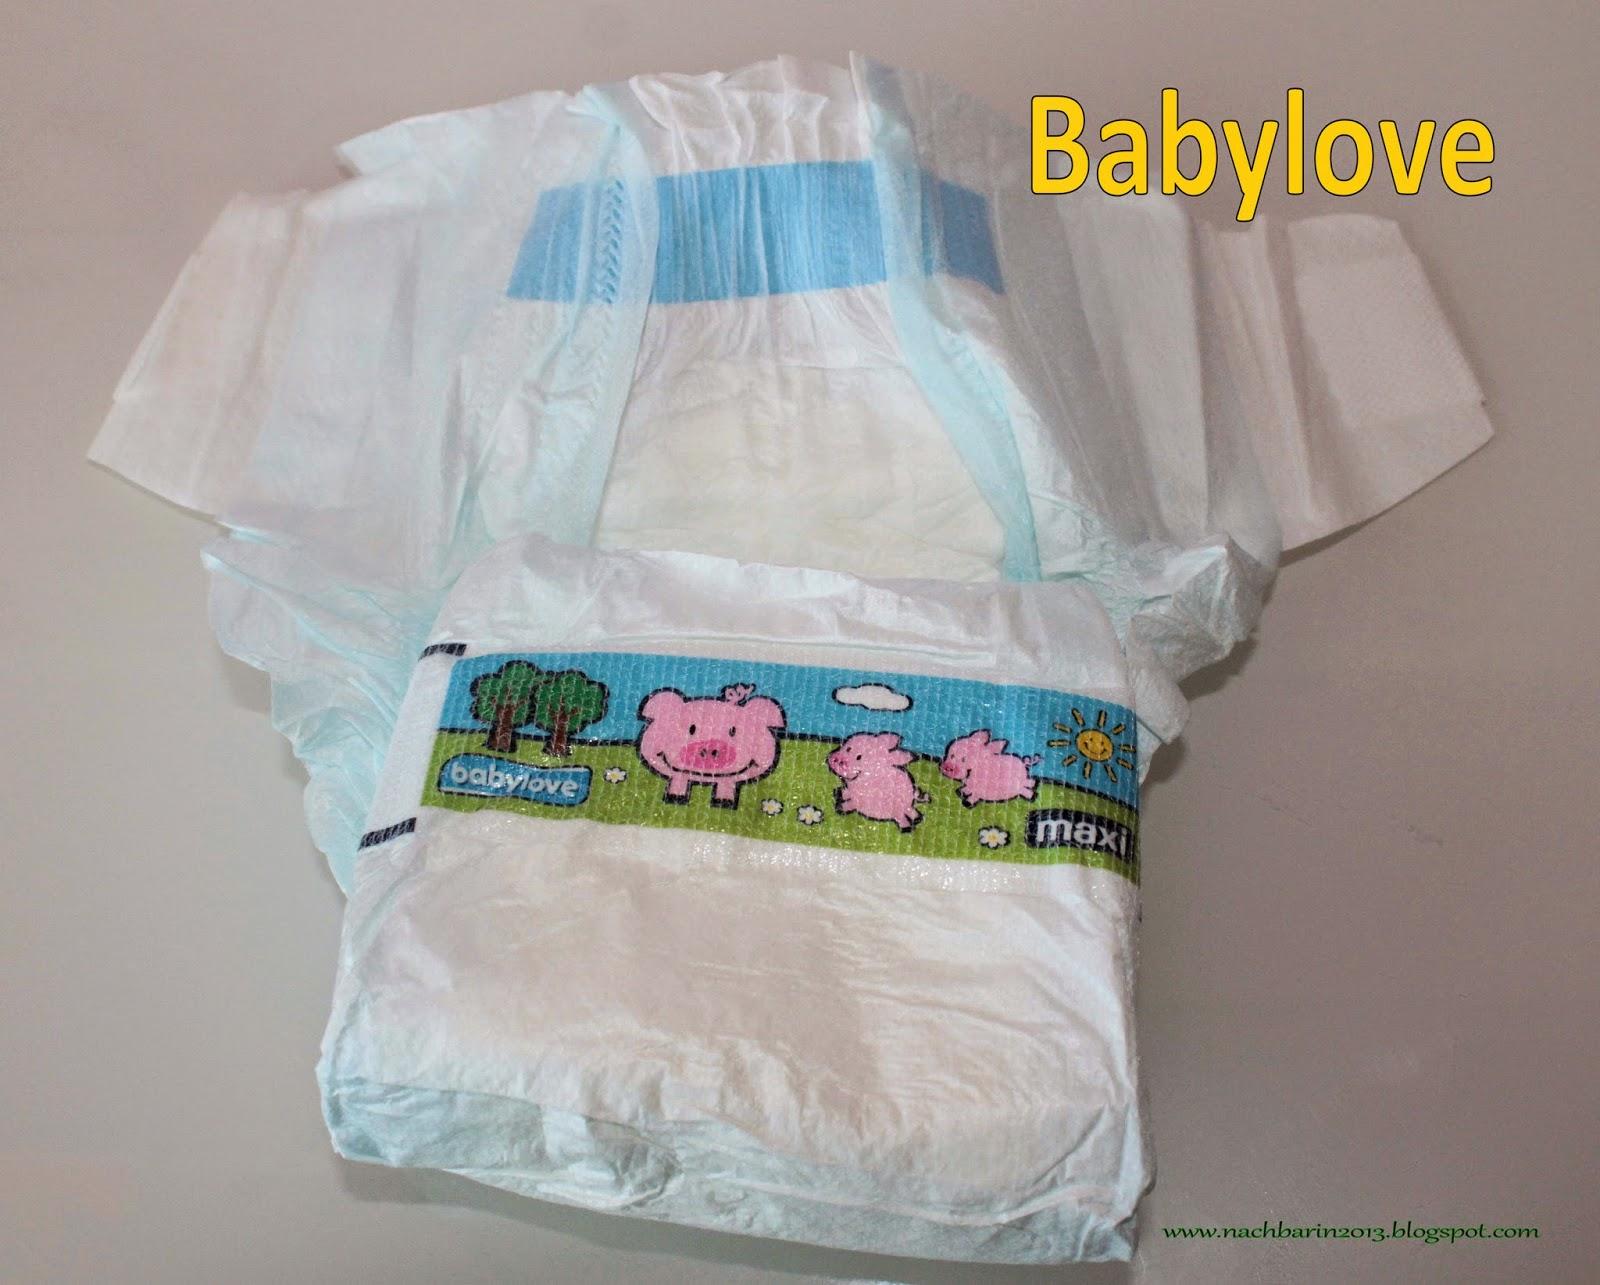 windeln babylove test